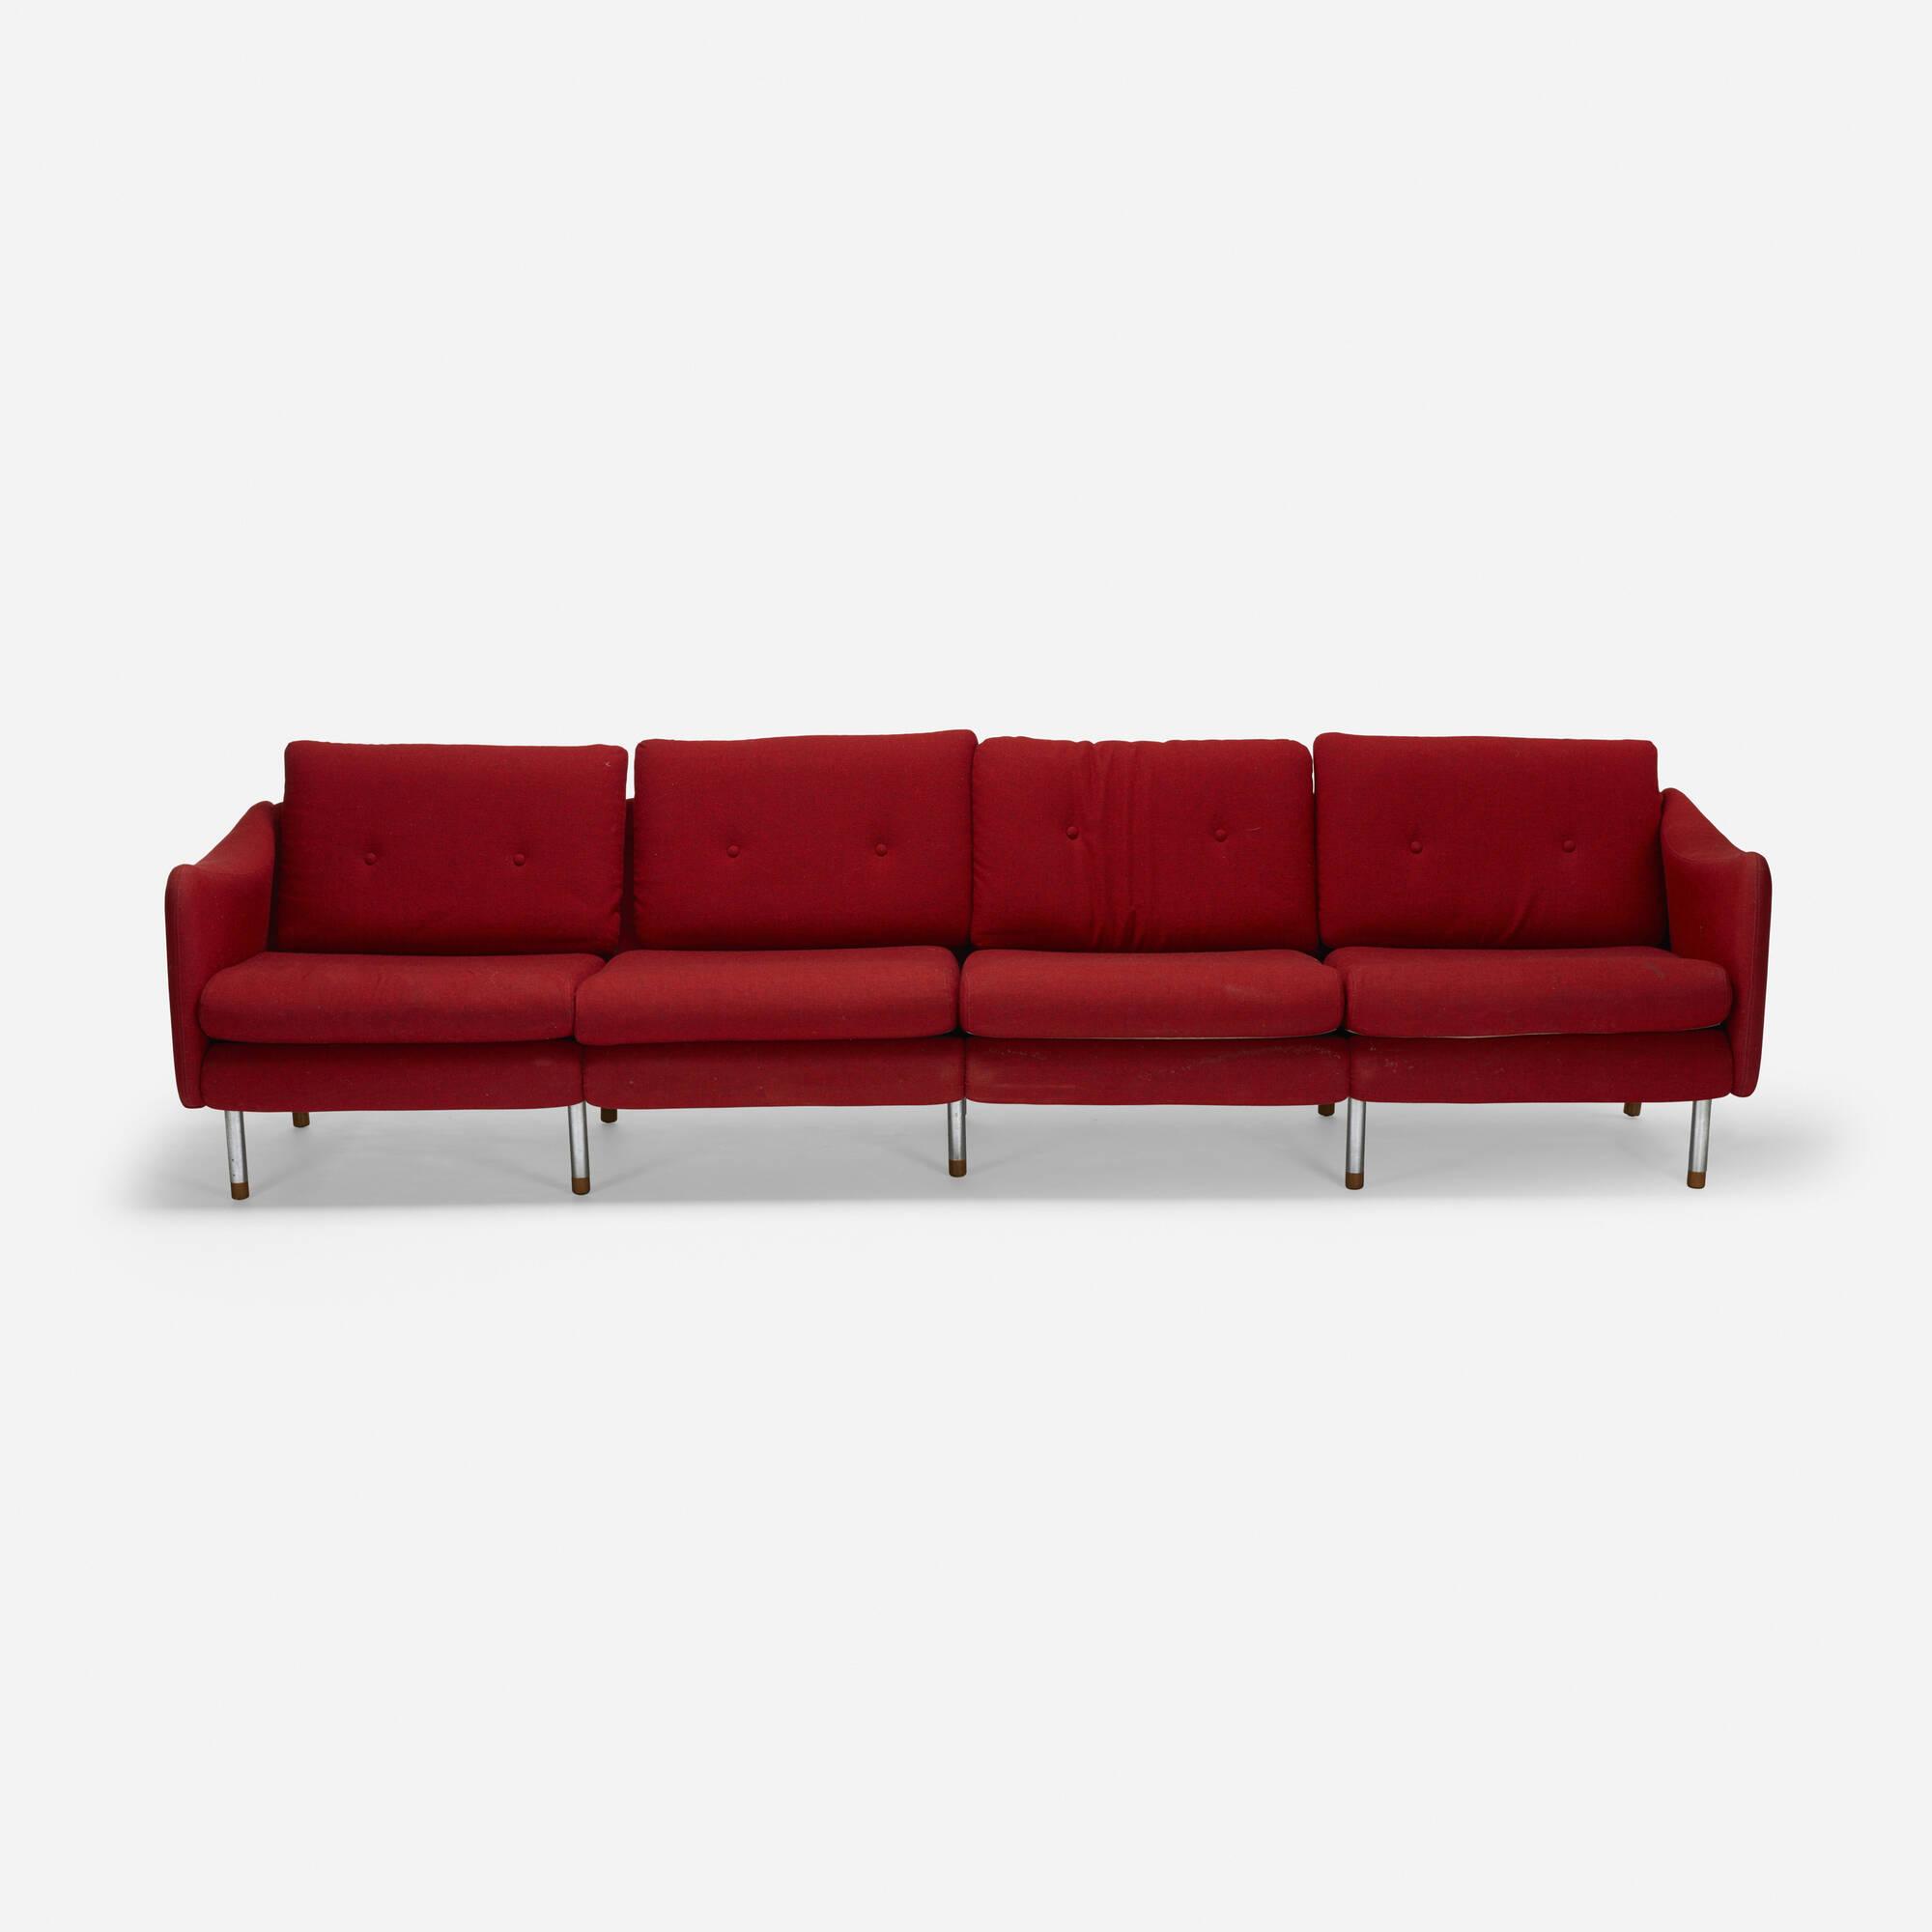 619: Michel Mortier / Teckel sofa (2 of 2)